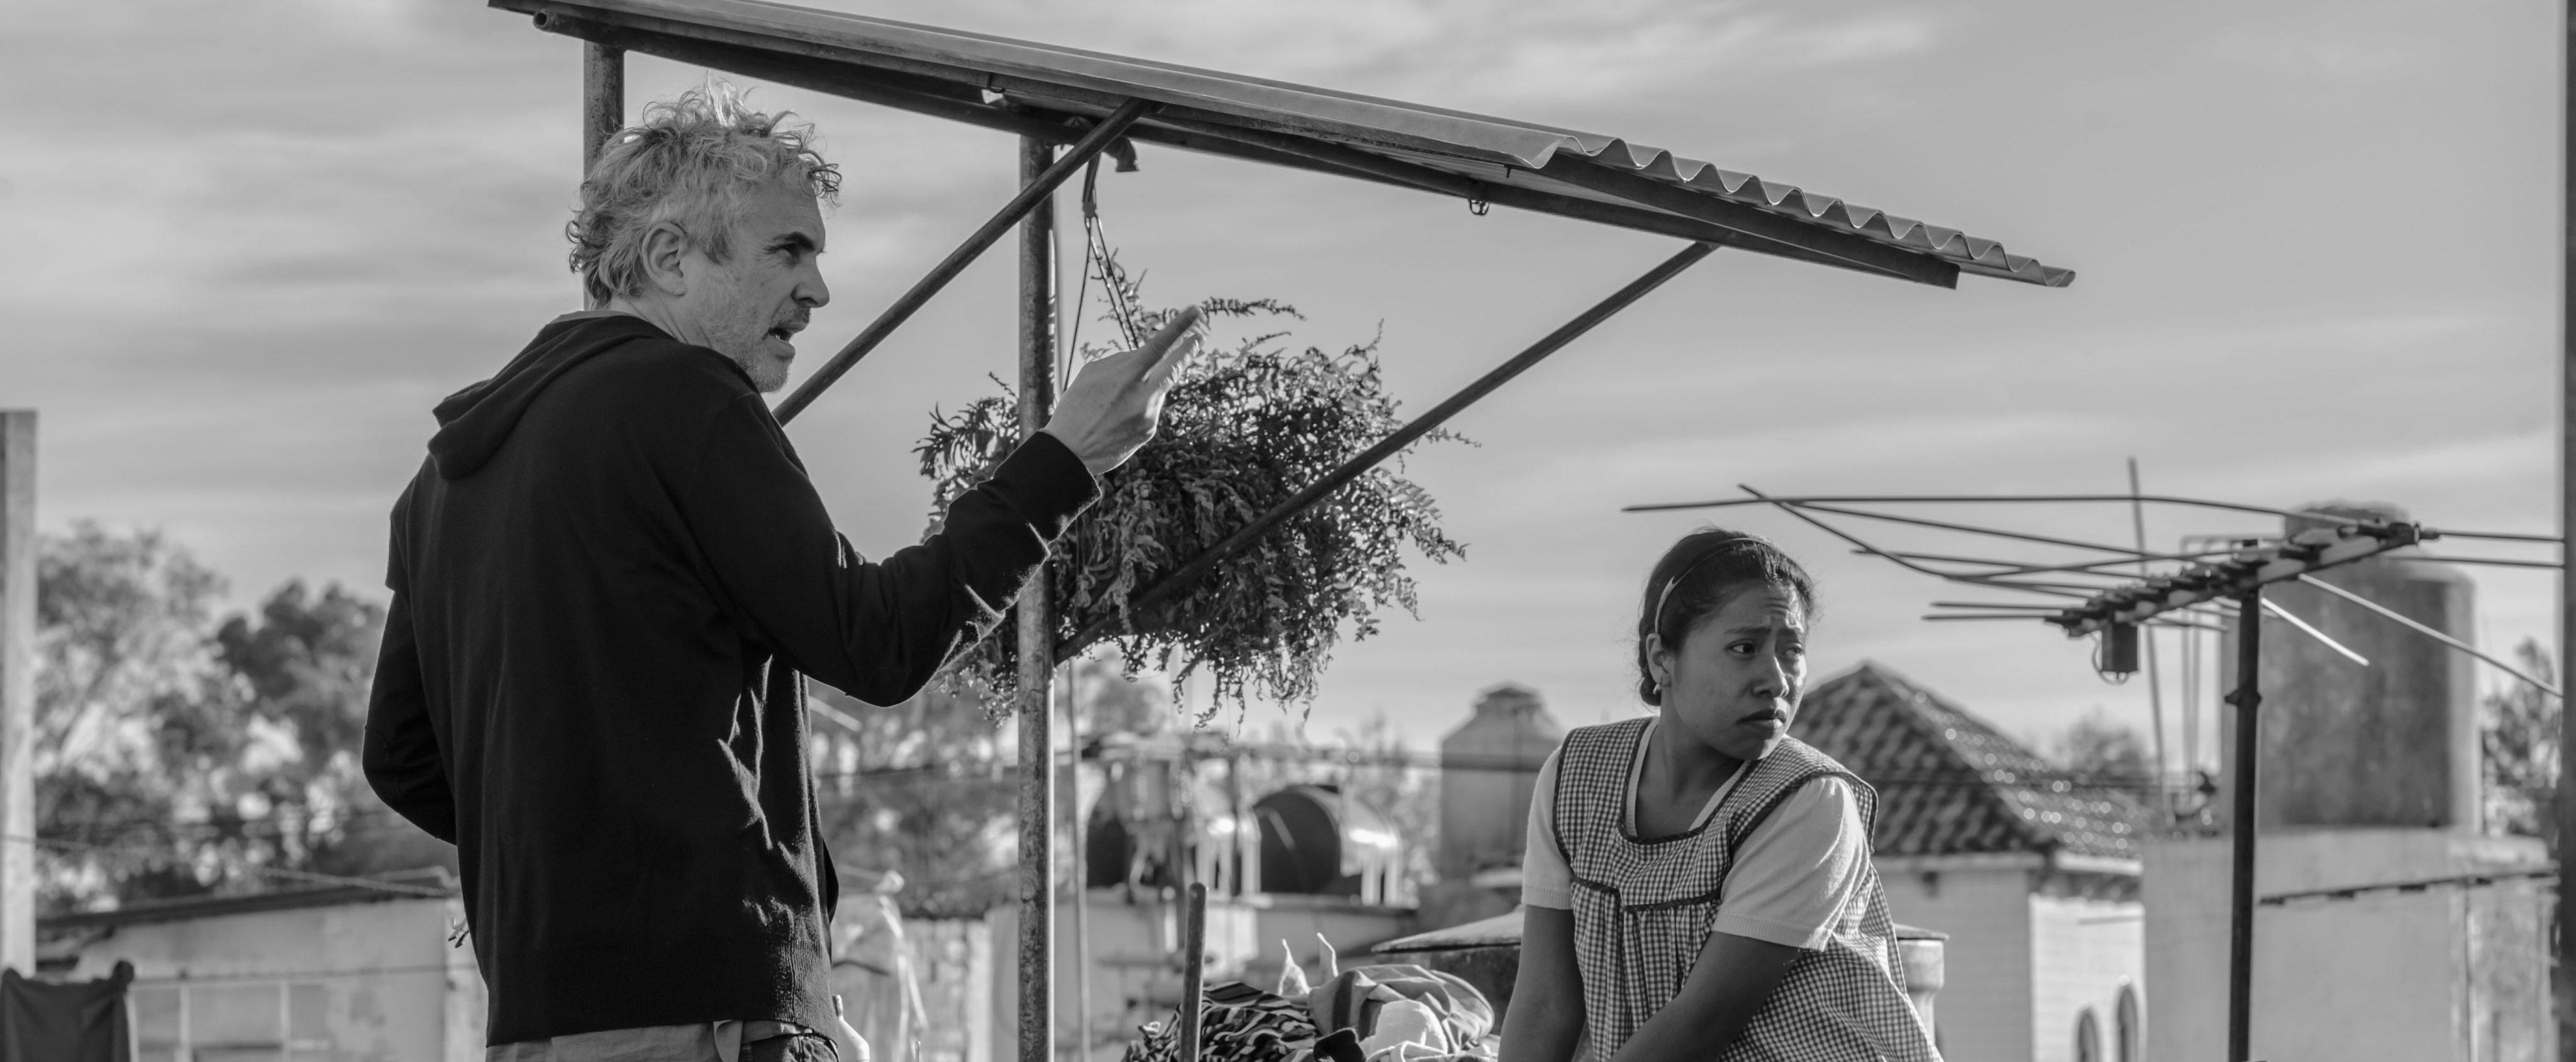 'Roma', de Alfonso Cuarón, gana el León de Oro del Festival de Venecia